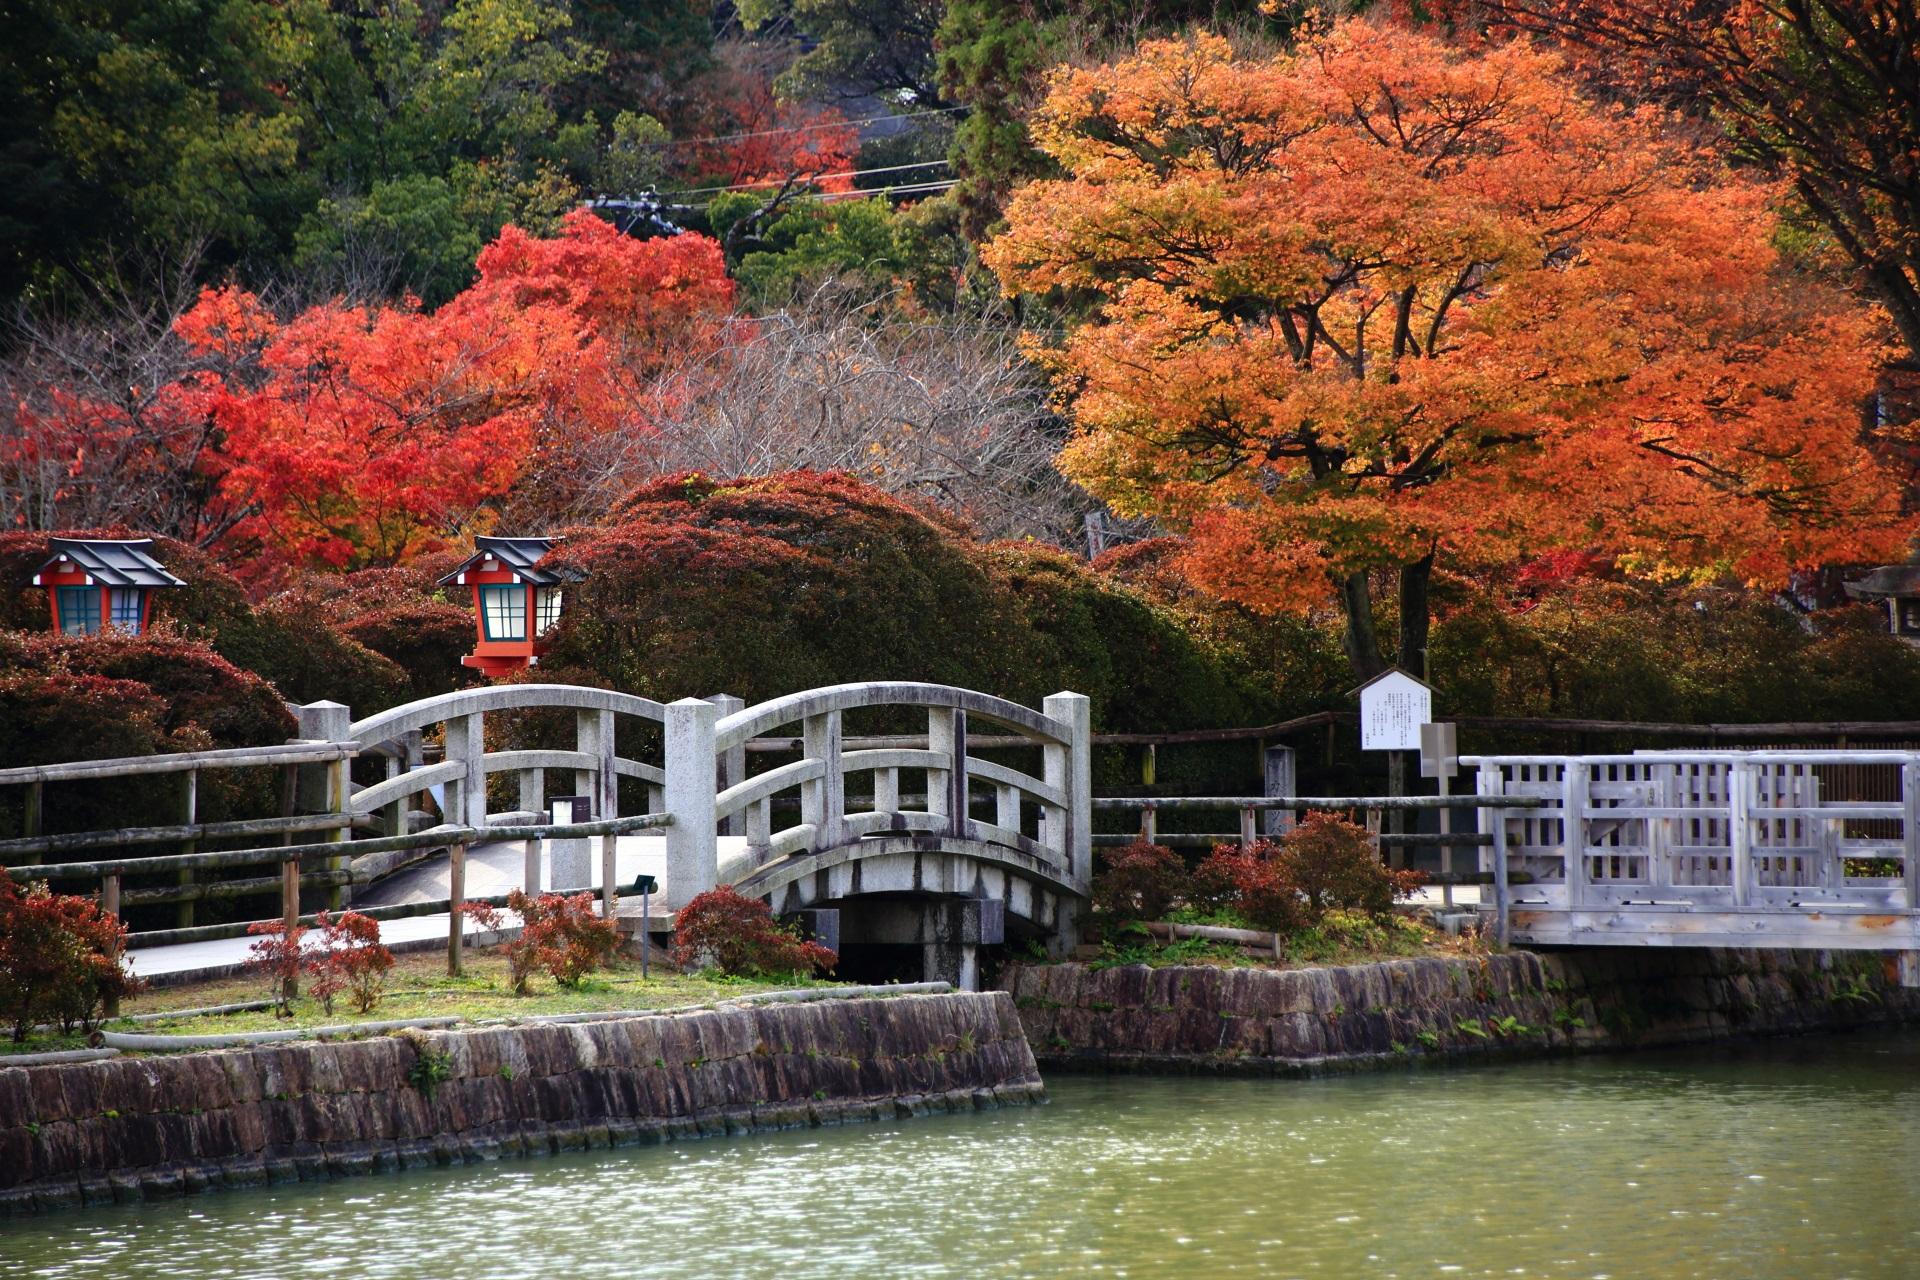 八条ヶ池の風情も感じられる多彩な紅葉